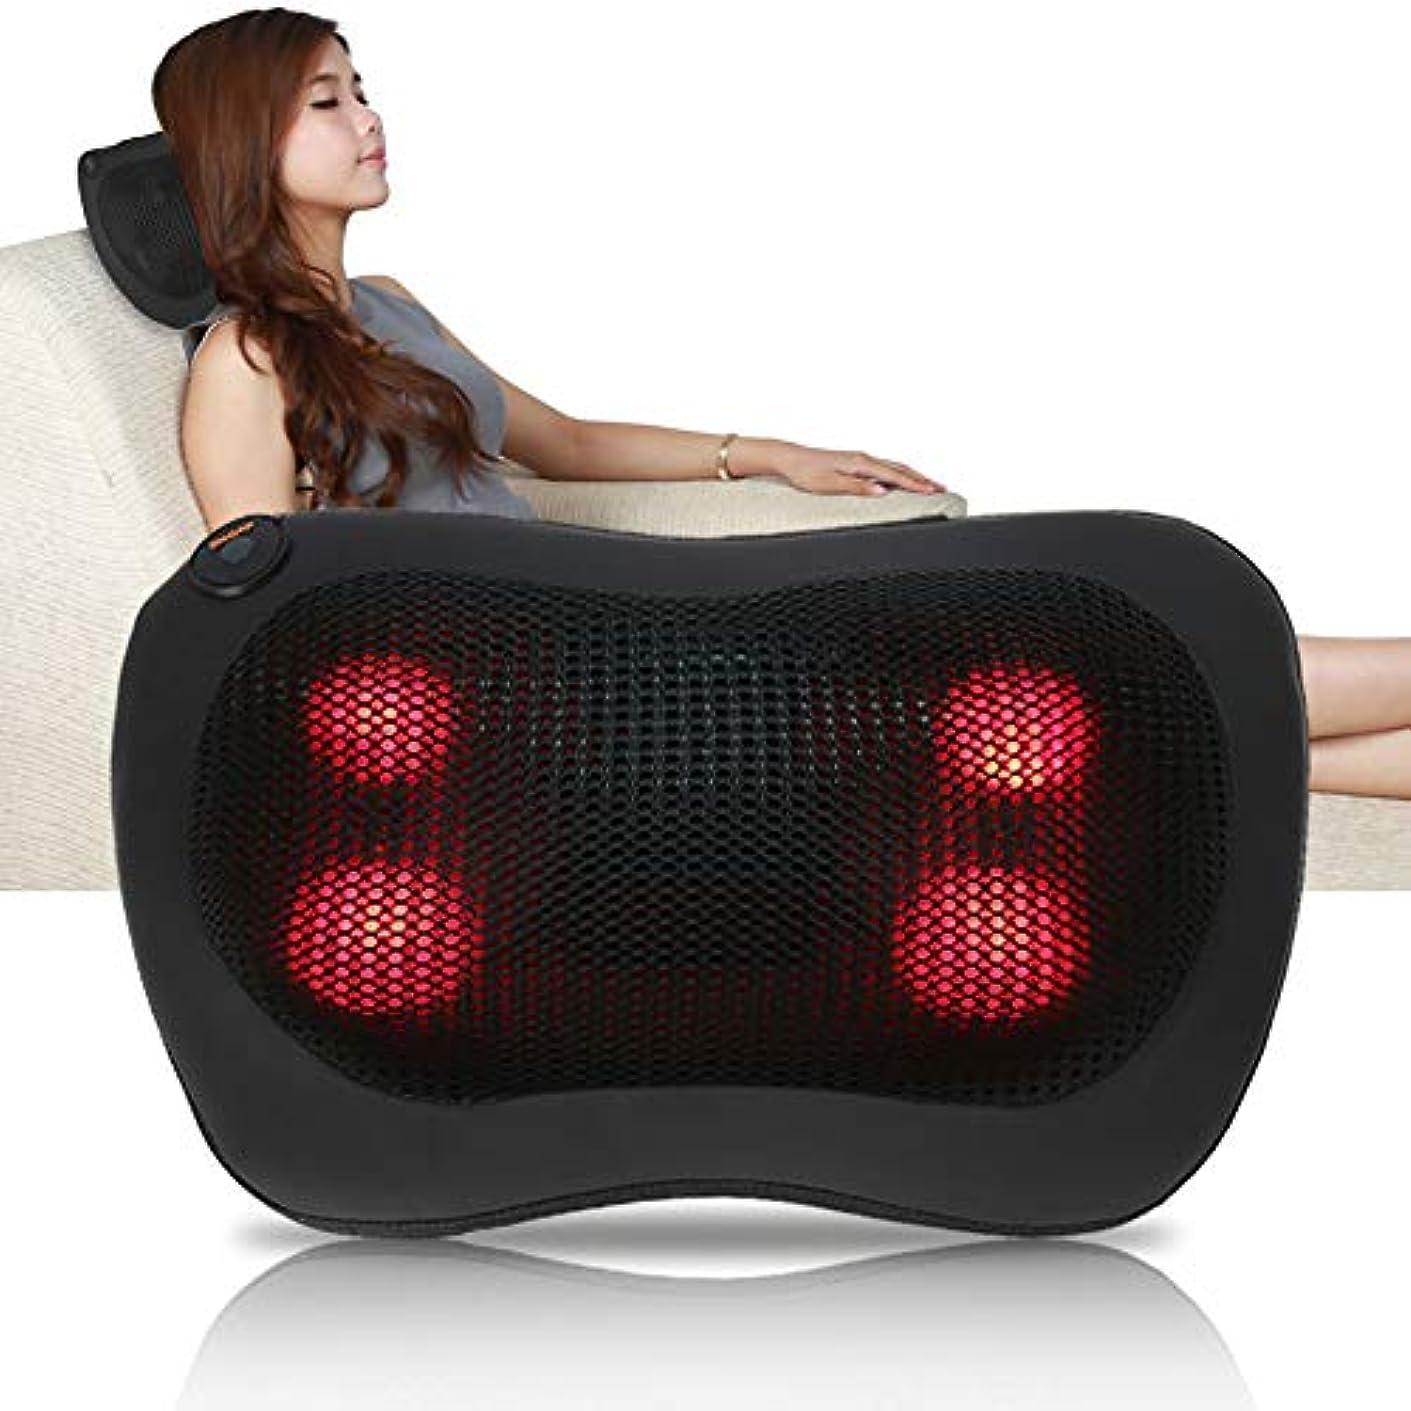 うぬぼれた成功するコンテスト携帯用 電気マッサージの枕 暖房療法 首のウエスト 足の腕 マッサージ用具(ブラック)